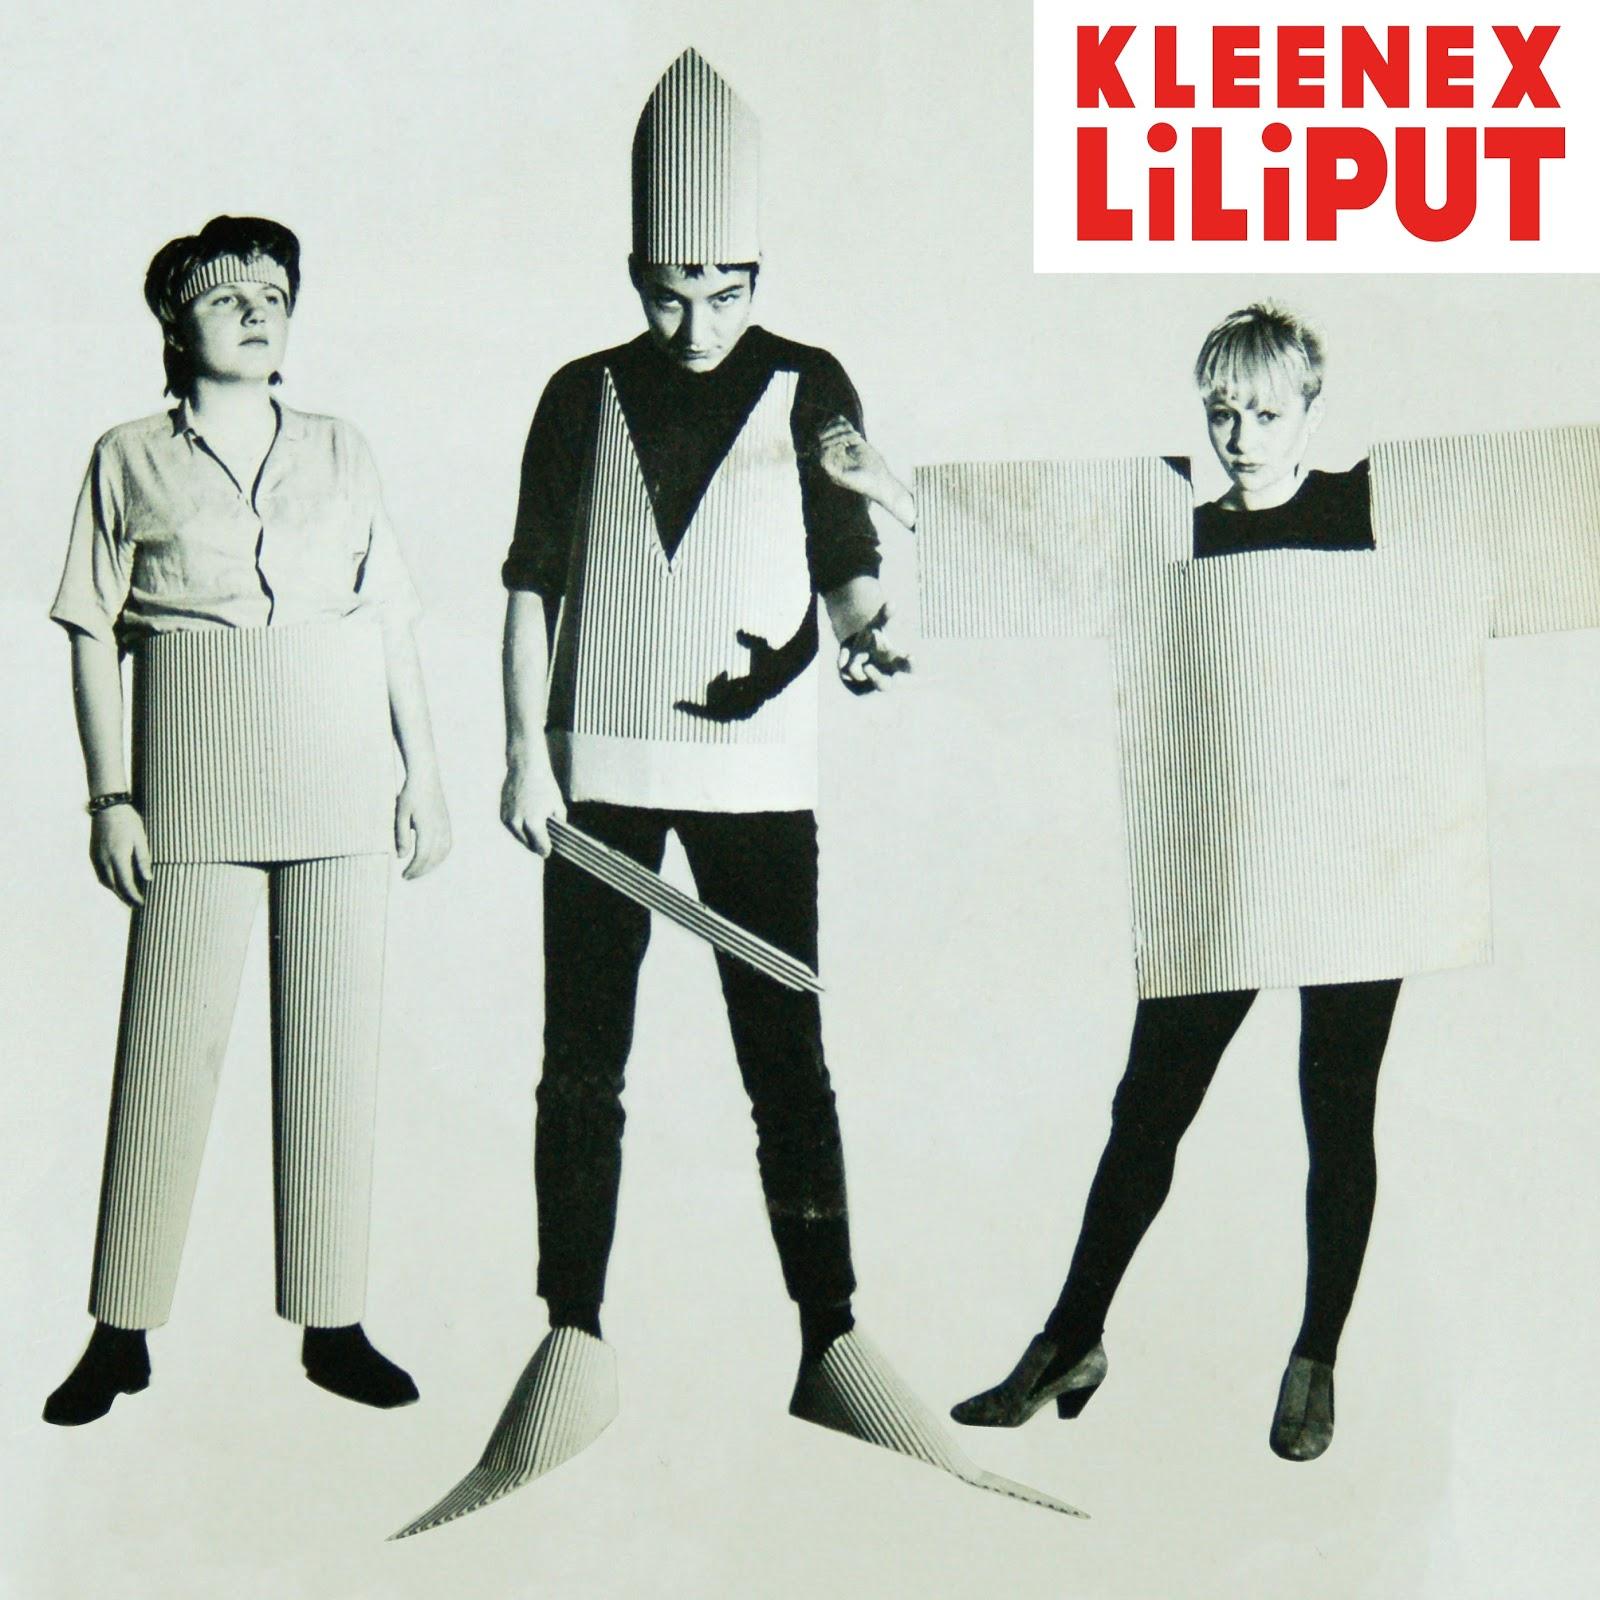 Kleenex_Liliput